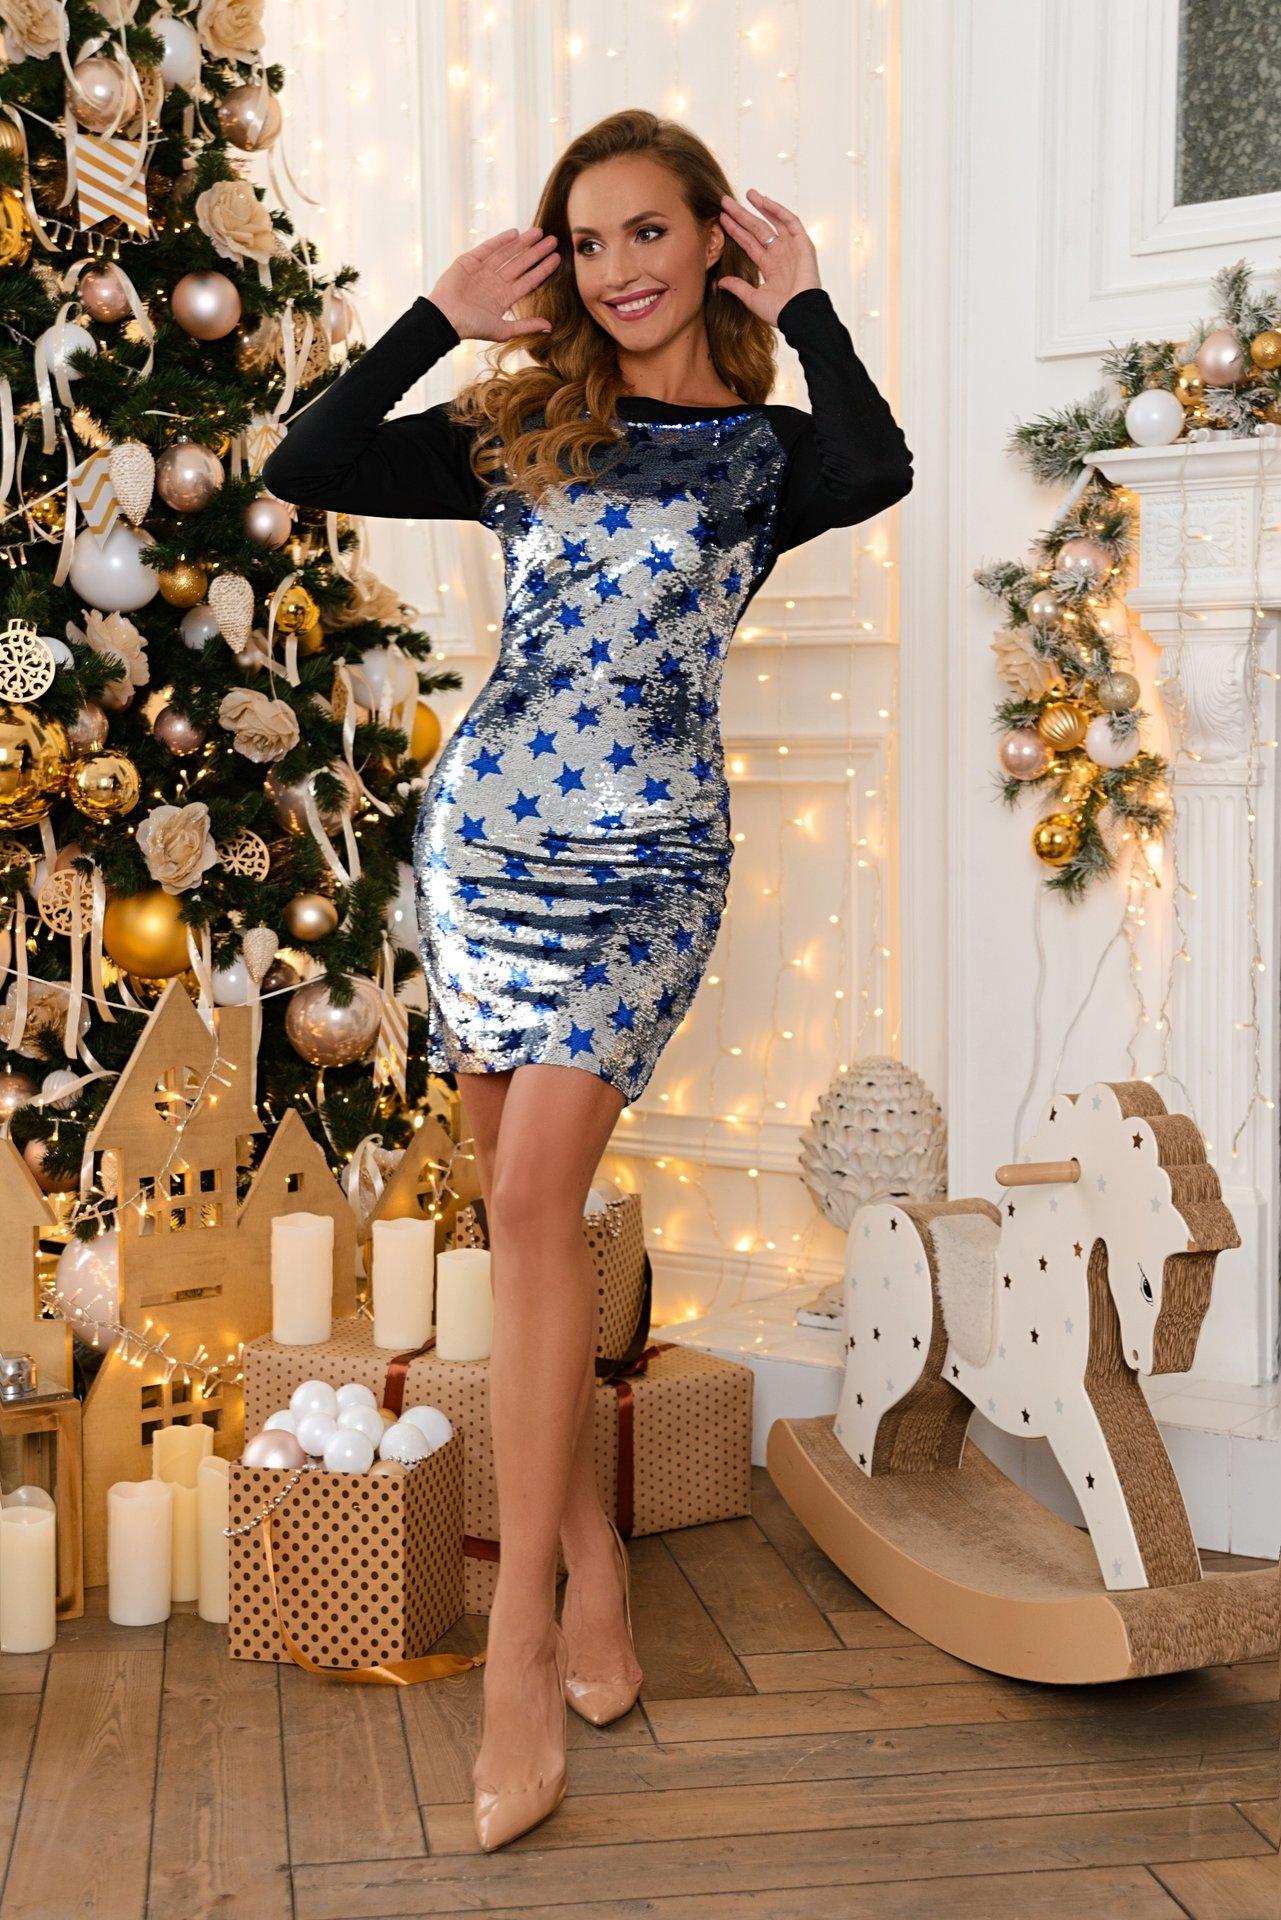 Платья Платье со звездами 3396 10f5c235f8e9a3f7.jpeg